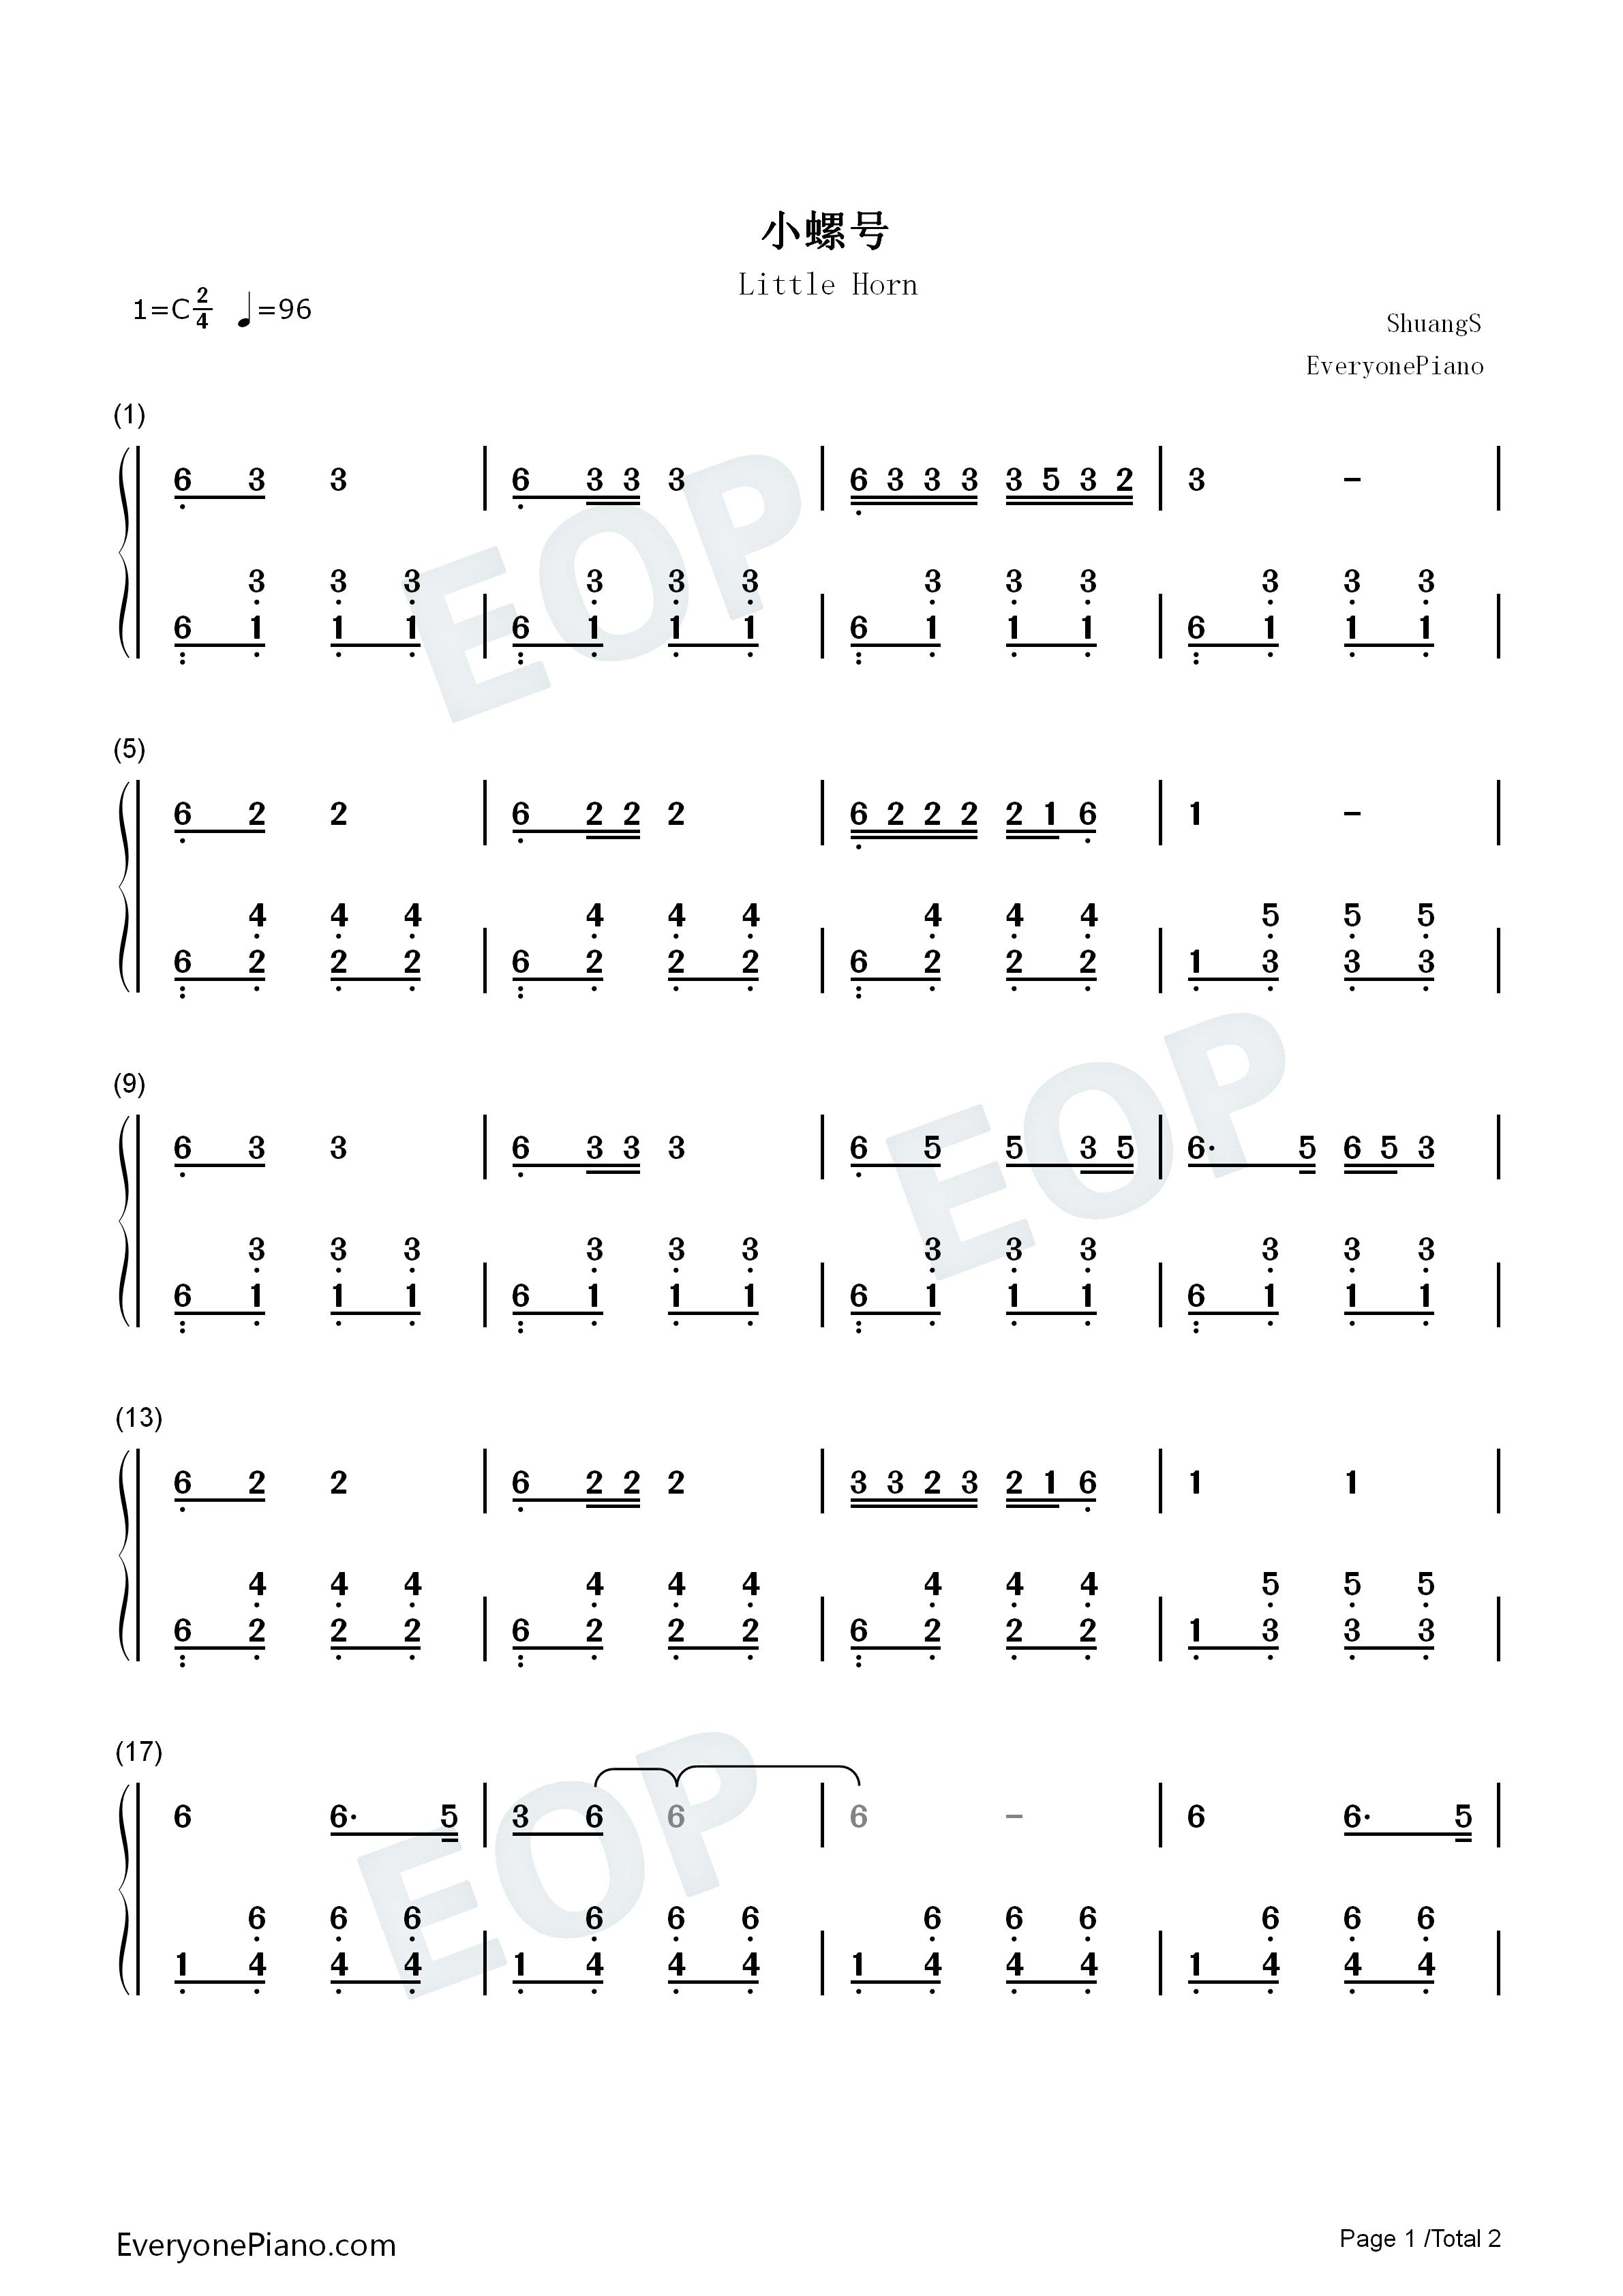 钢琴曲谱 儿歌 小螺号-程琳 小螺号-程琳双手简谱预览1  }  仅供学习